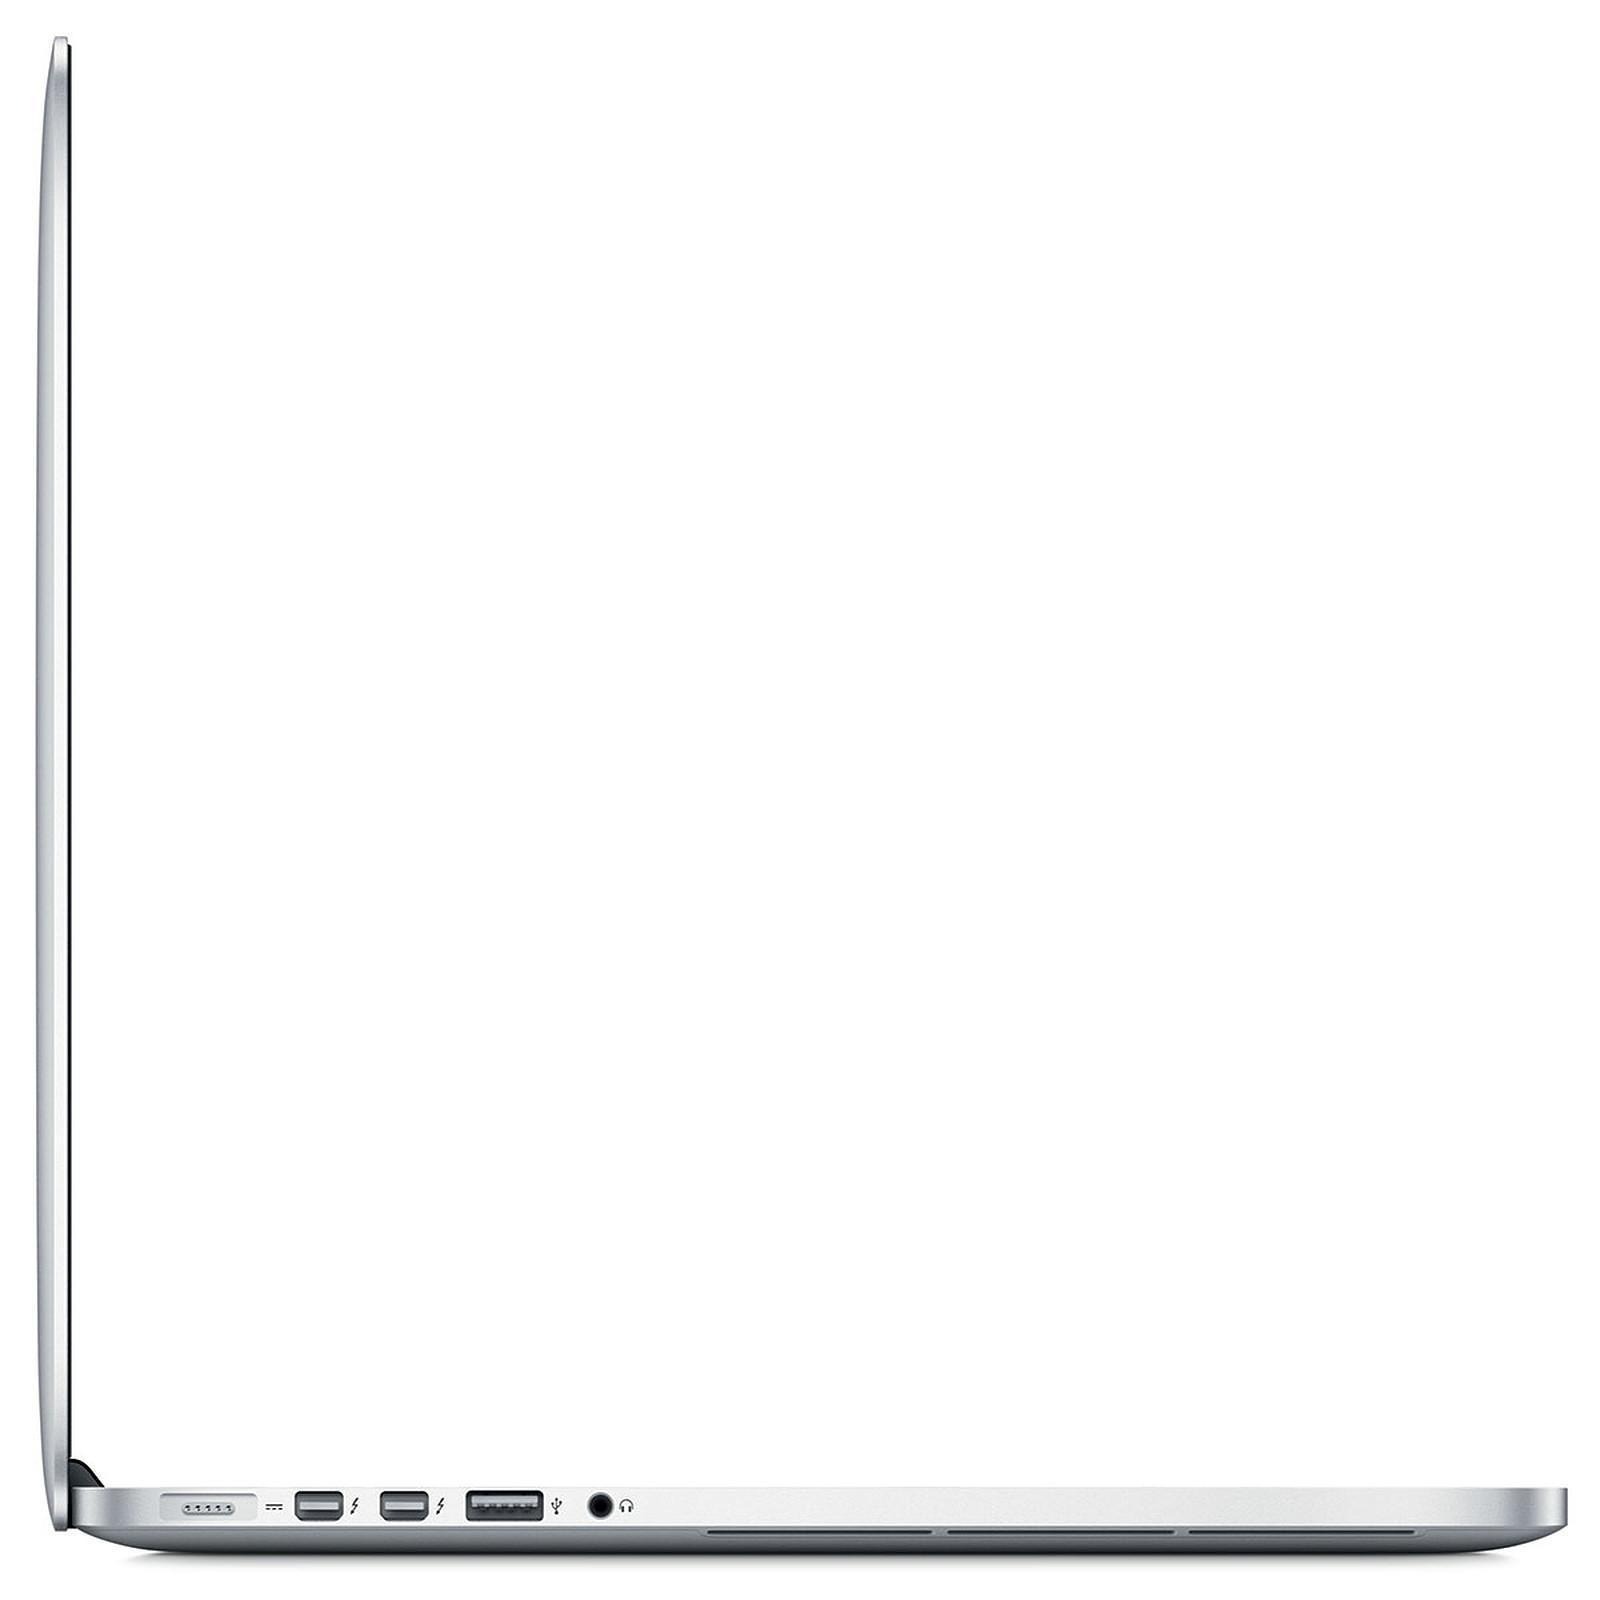 MacBook Pro Retina 15,4-tum (2013) - Core i7 - 8GB - SSD 256 GB QWERTY - Engelska (Storbritannien)